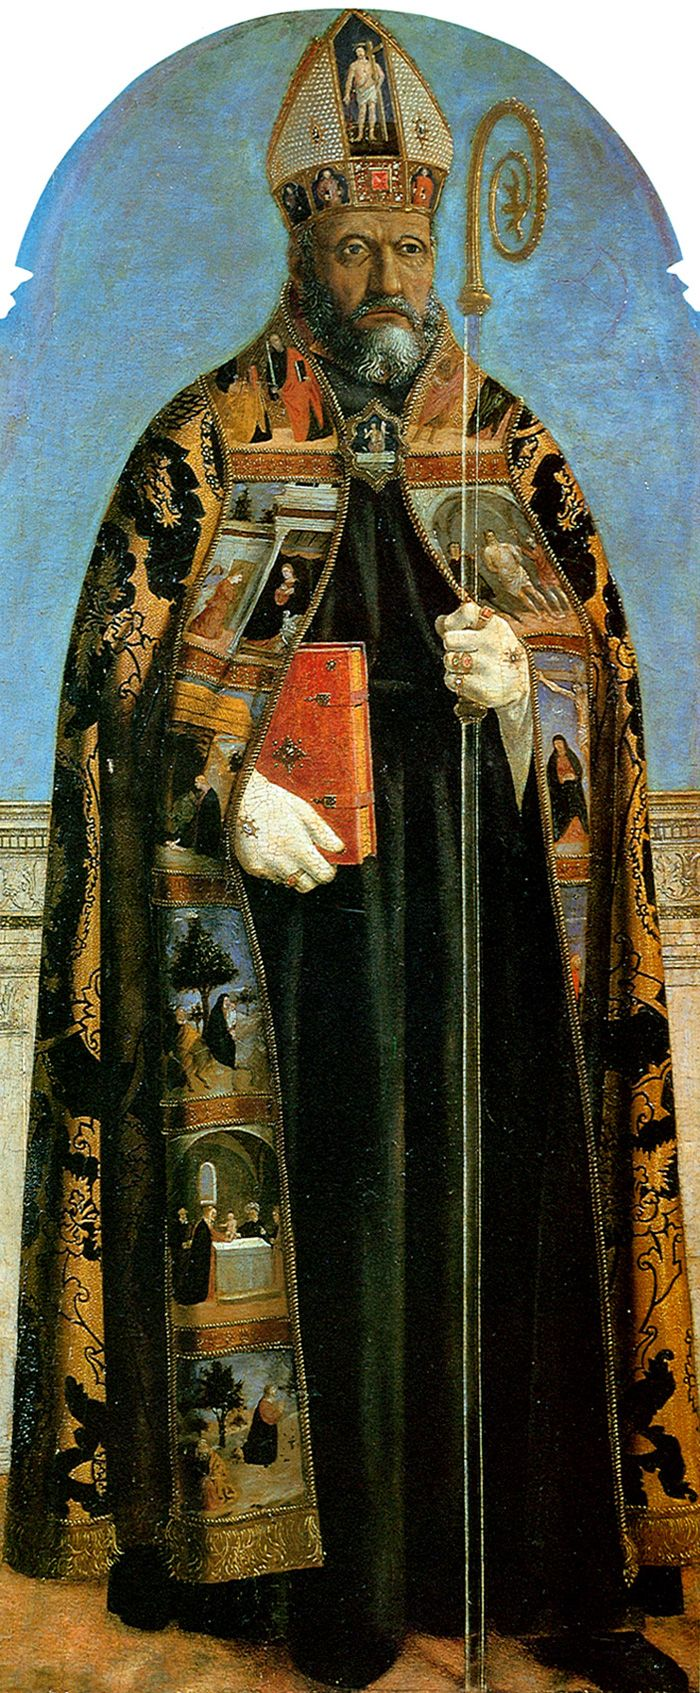 Polyptyque des Augustiniens - Saint Augustin Piero Della Francesca 1454-1469 Technique Tempera 132x57cm Exposé à Lisbonne (Portugal) au Museu Nacional de Arte Antiga